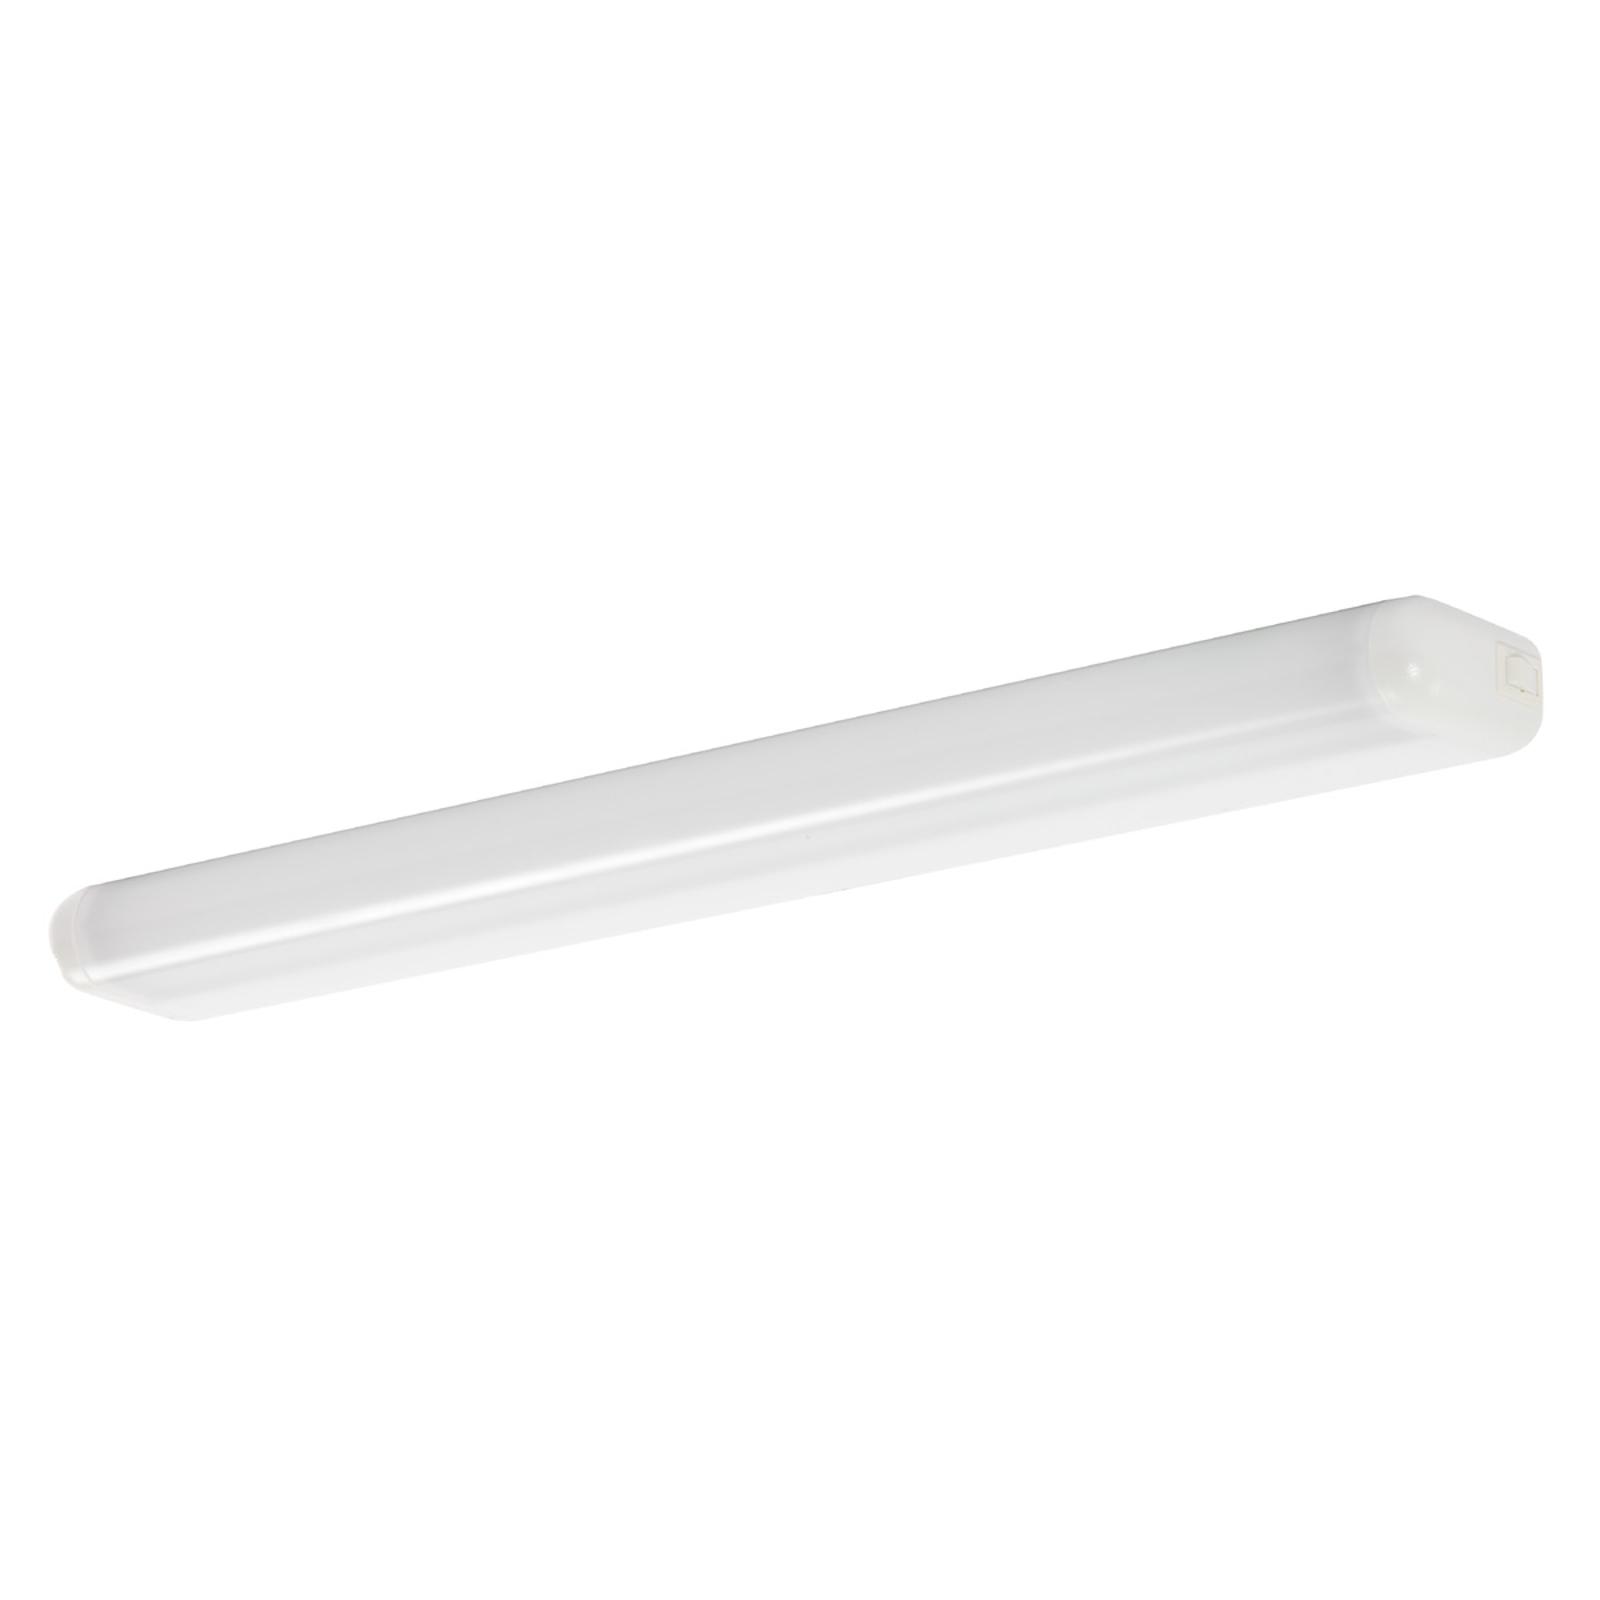 Applique pour miroir et salle de bain SP 64,5 cm